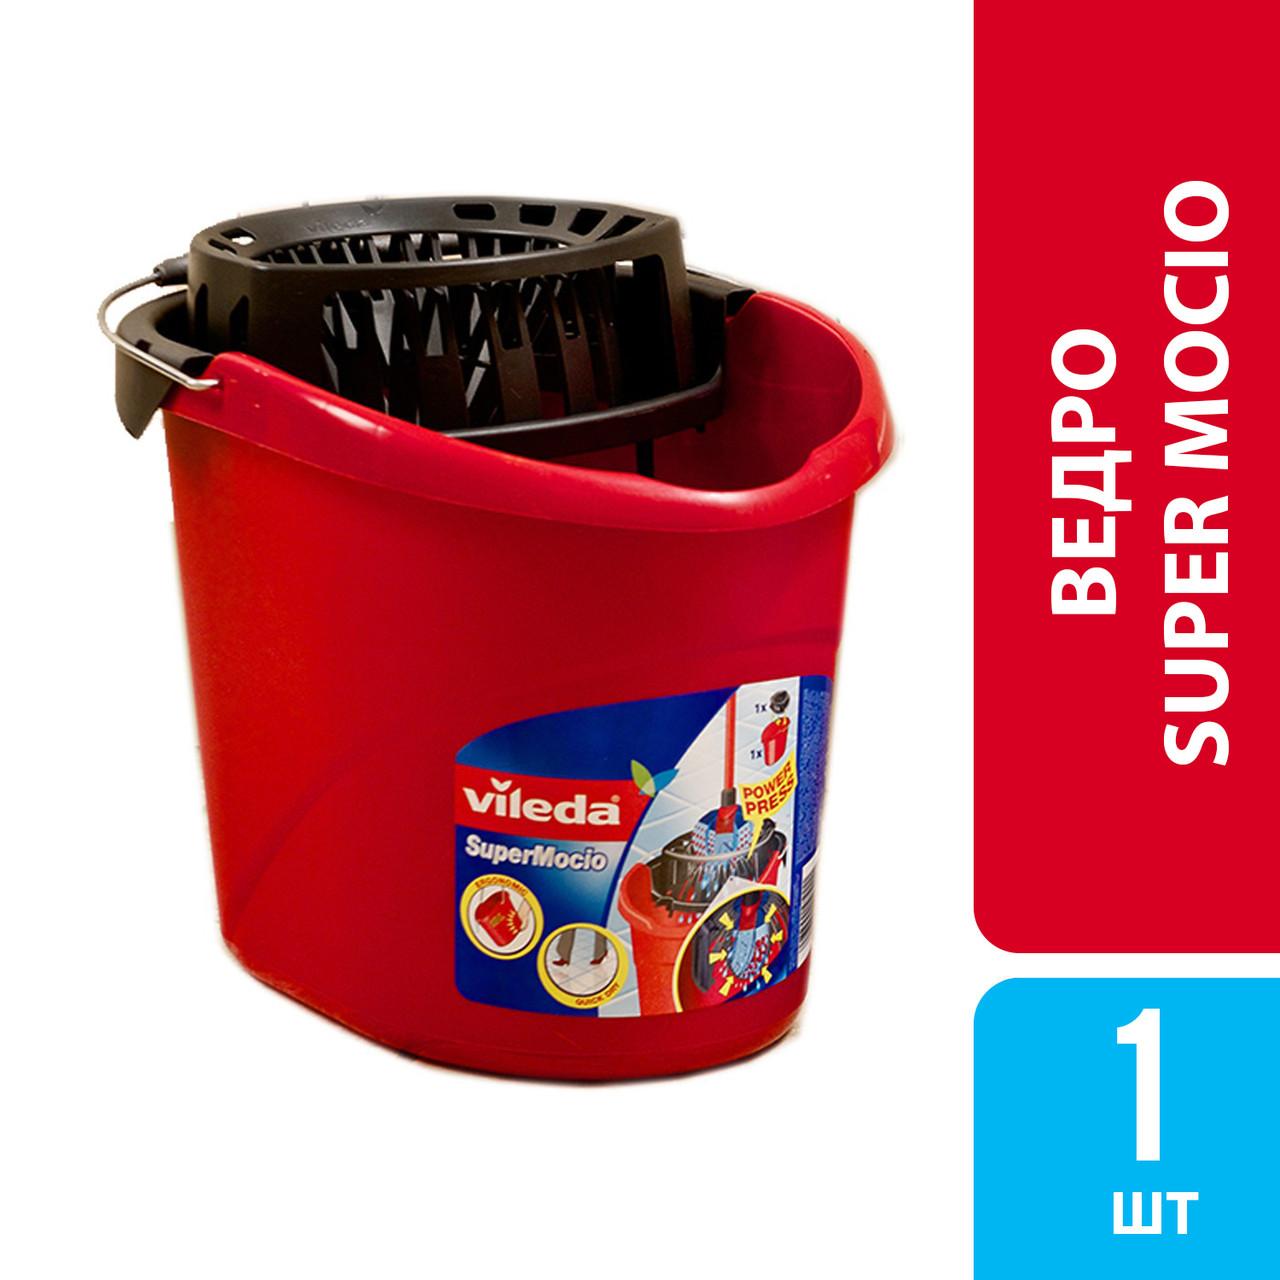 Ведро с отжимом для ленточных швабр Super Mocio, Vileda, 1 шт.